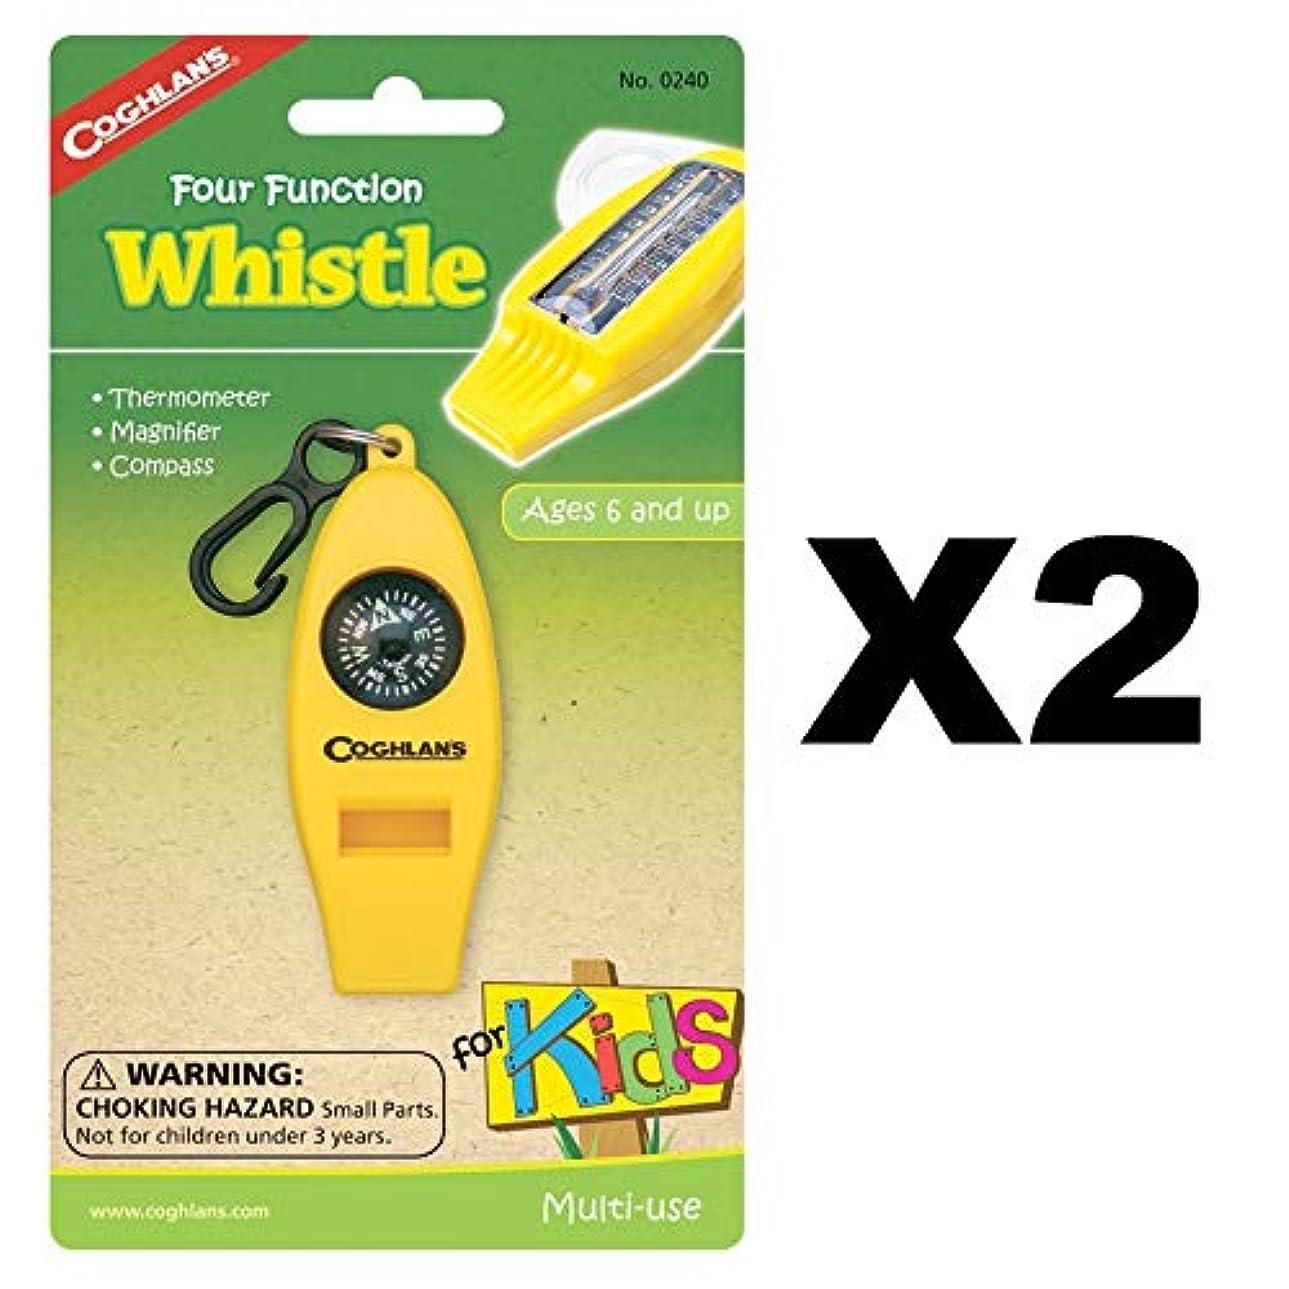 偶然の蒸し器ワイプCoghlans Four Function Whistle for Kids by Coghlans